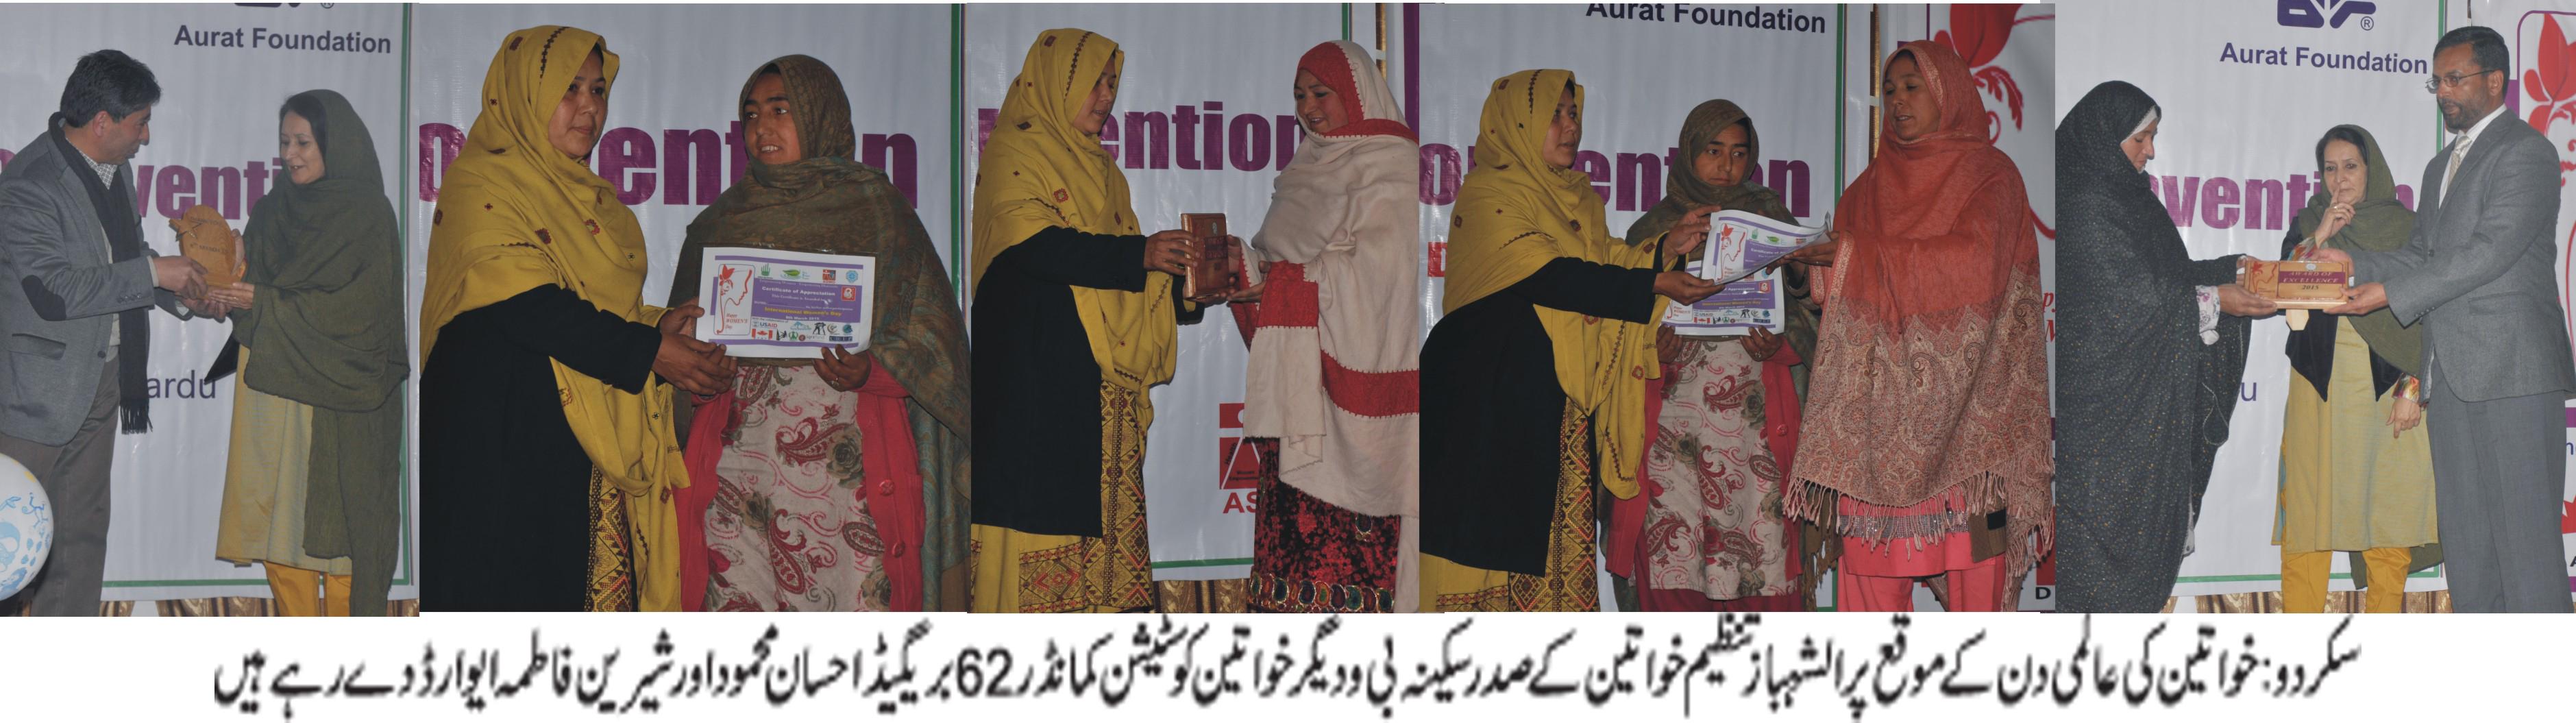 عالمی یوم خواتین، الشہباز تنظیم کی صدرسکینہ بی بی سمیت پانچ خواتین کو ایوارڈز سے نوازا گیا